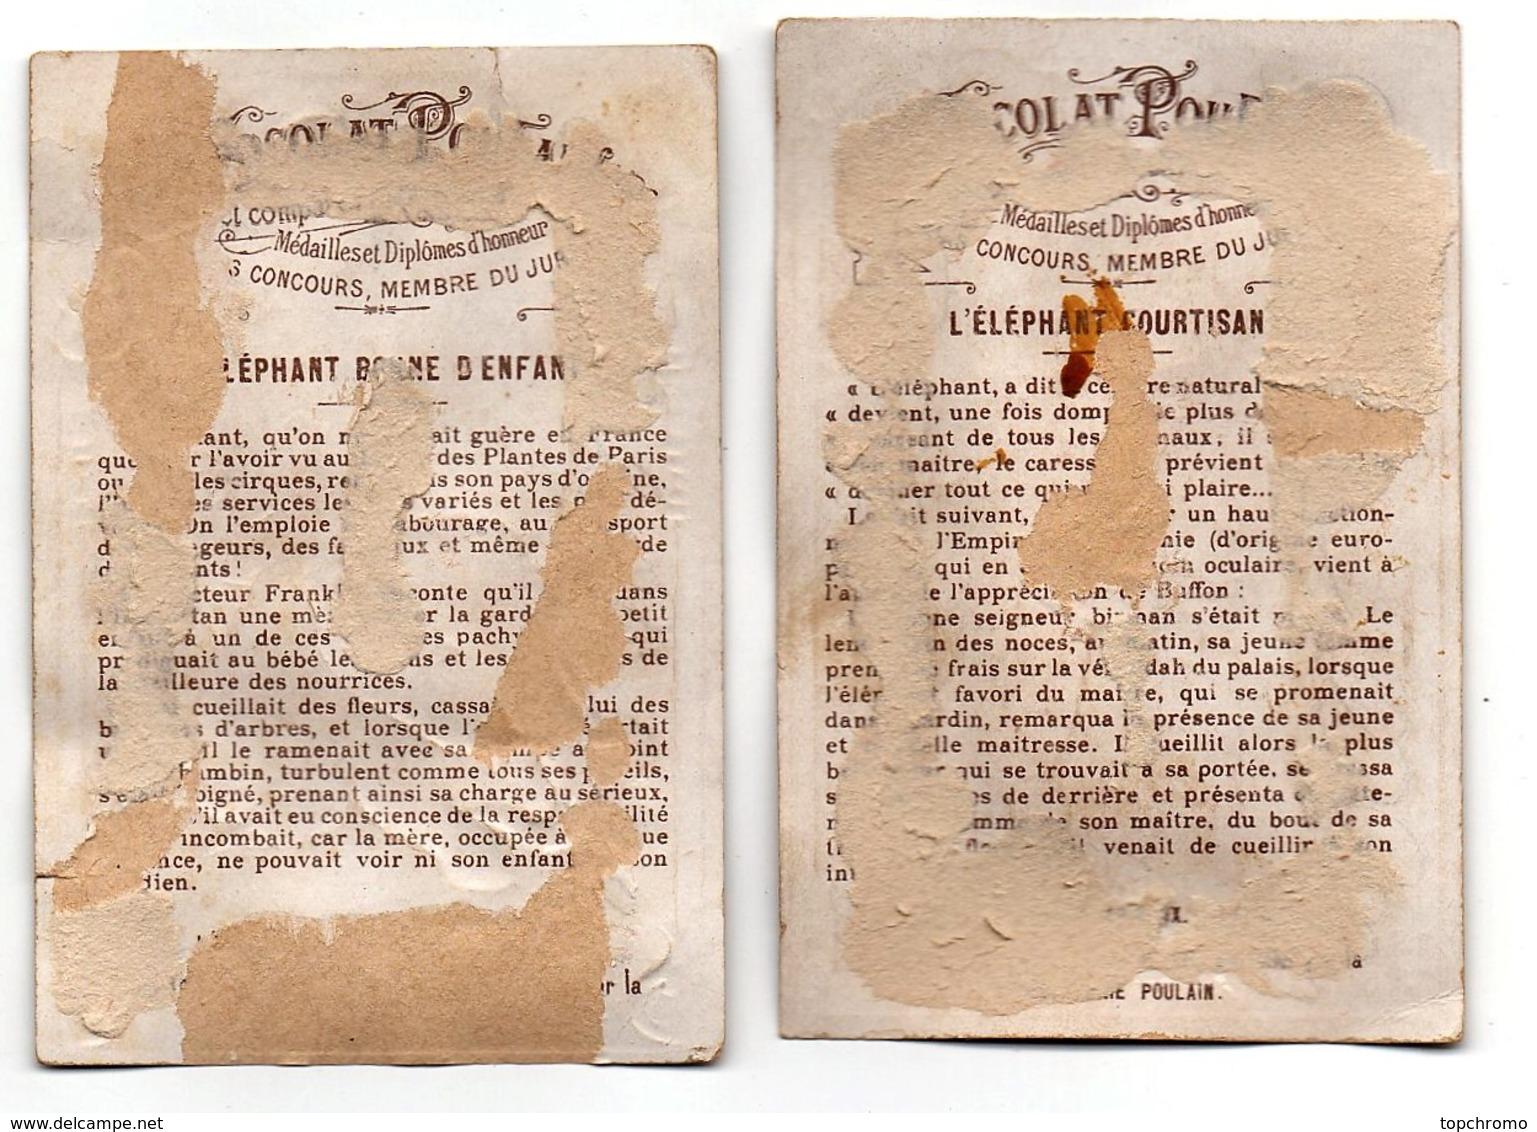 CHROMO Chocolat Poulain L'éléphant Courtisan Bonne D'enfant (2 Chromos) - Poulain